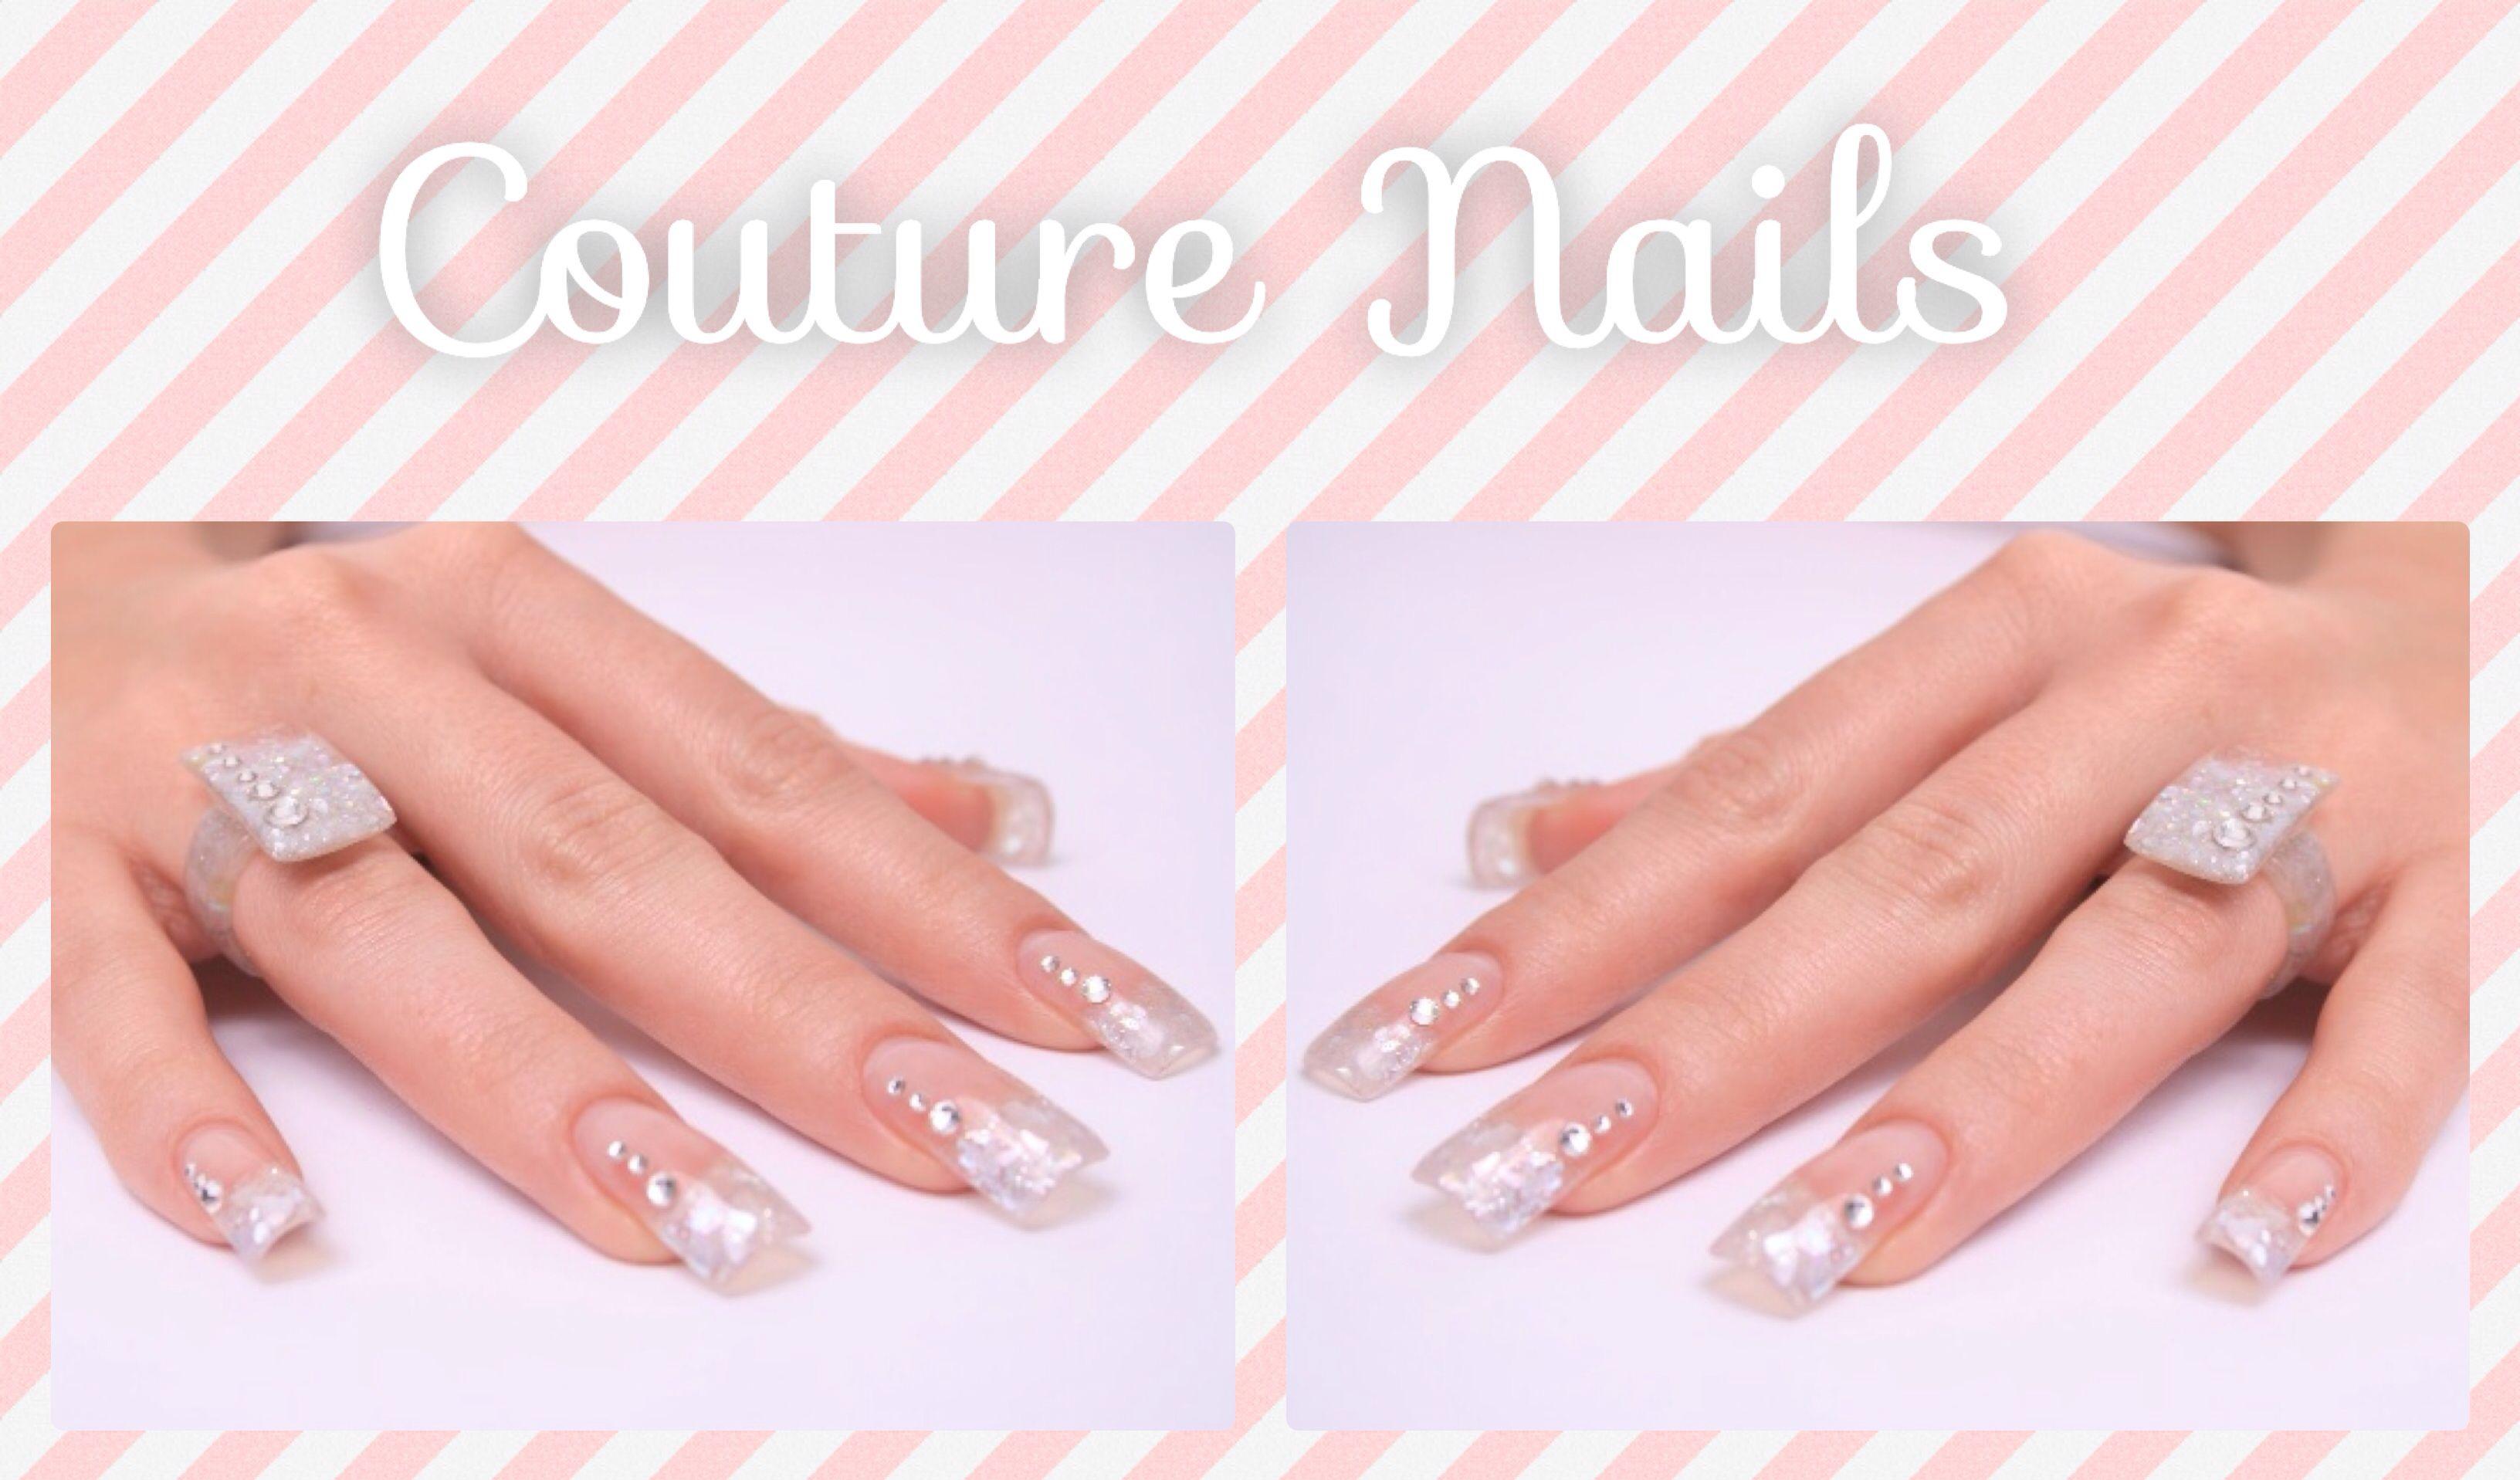 #Couture #Nails #Diseños para lucir #manos #bellas #beauty #bodas #fiesta #brilla #shine #love